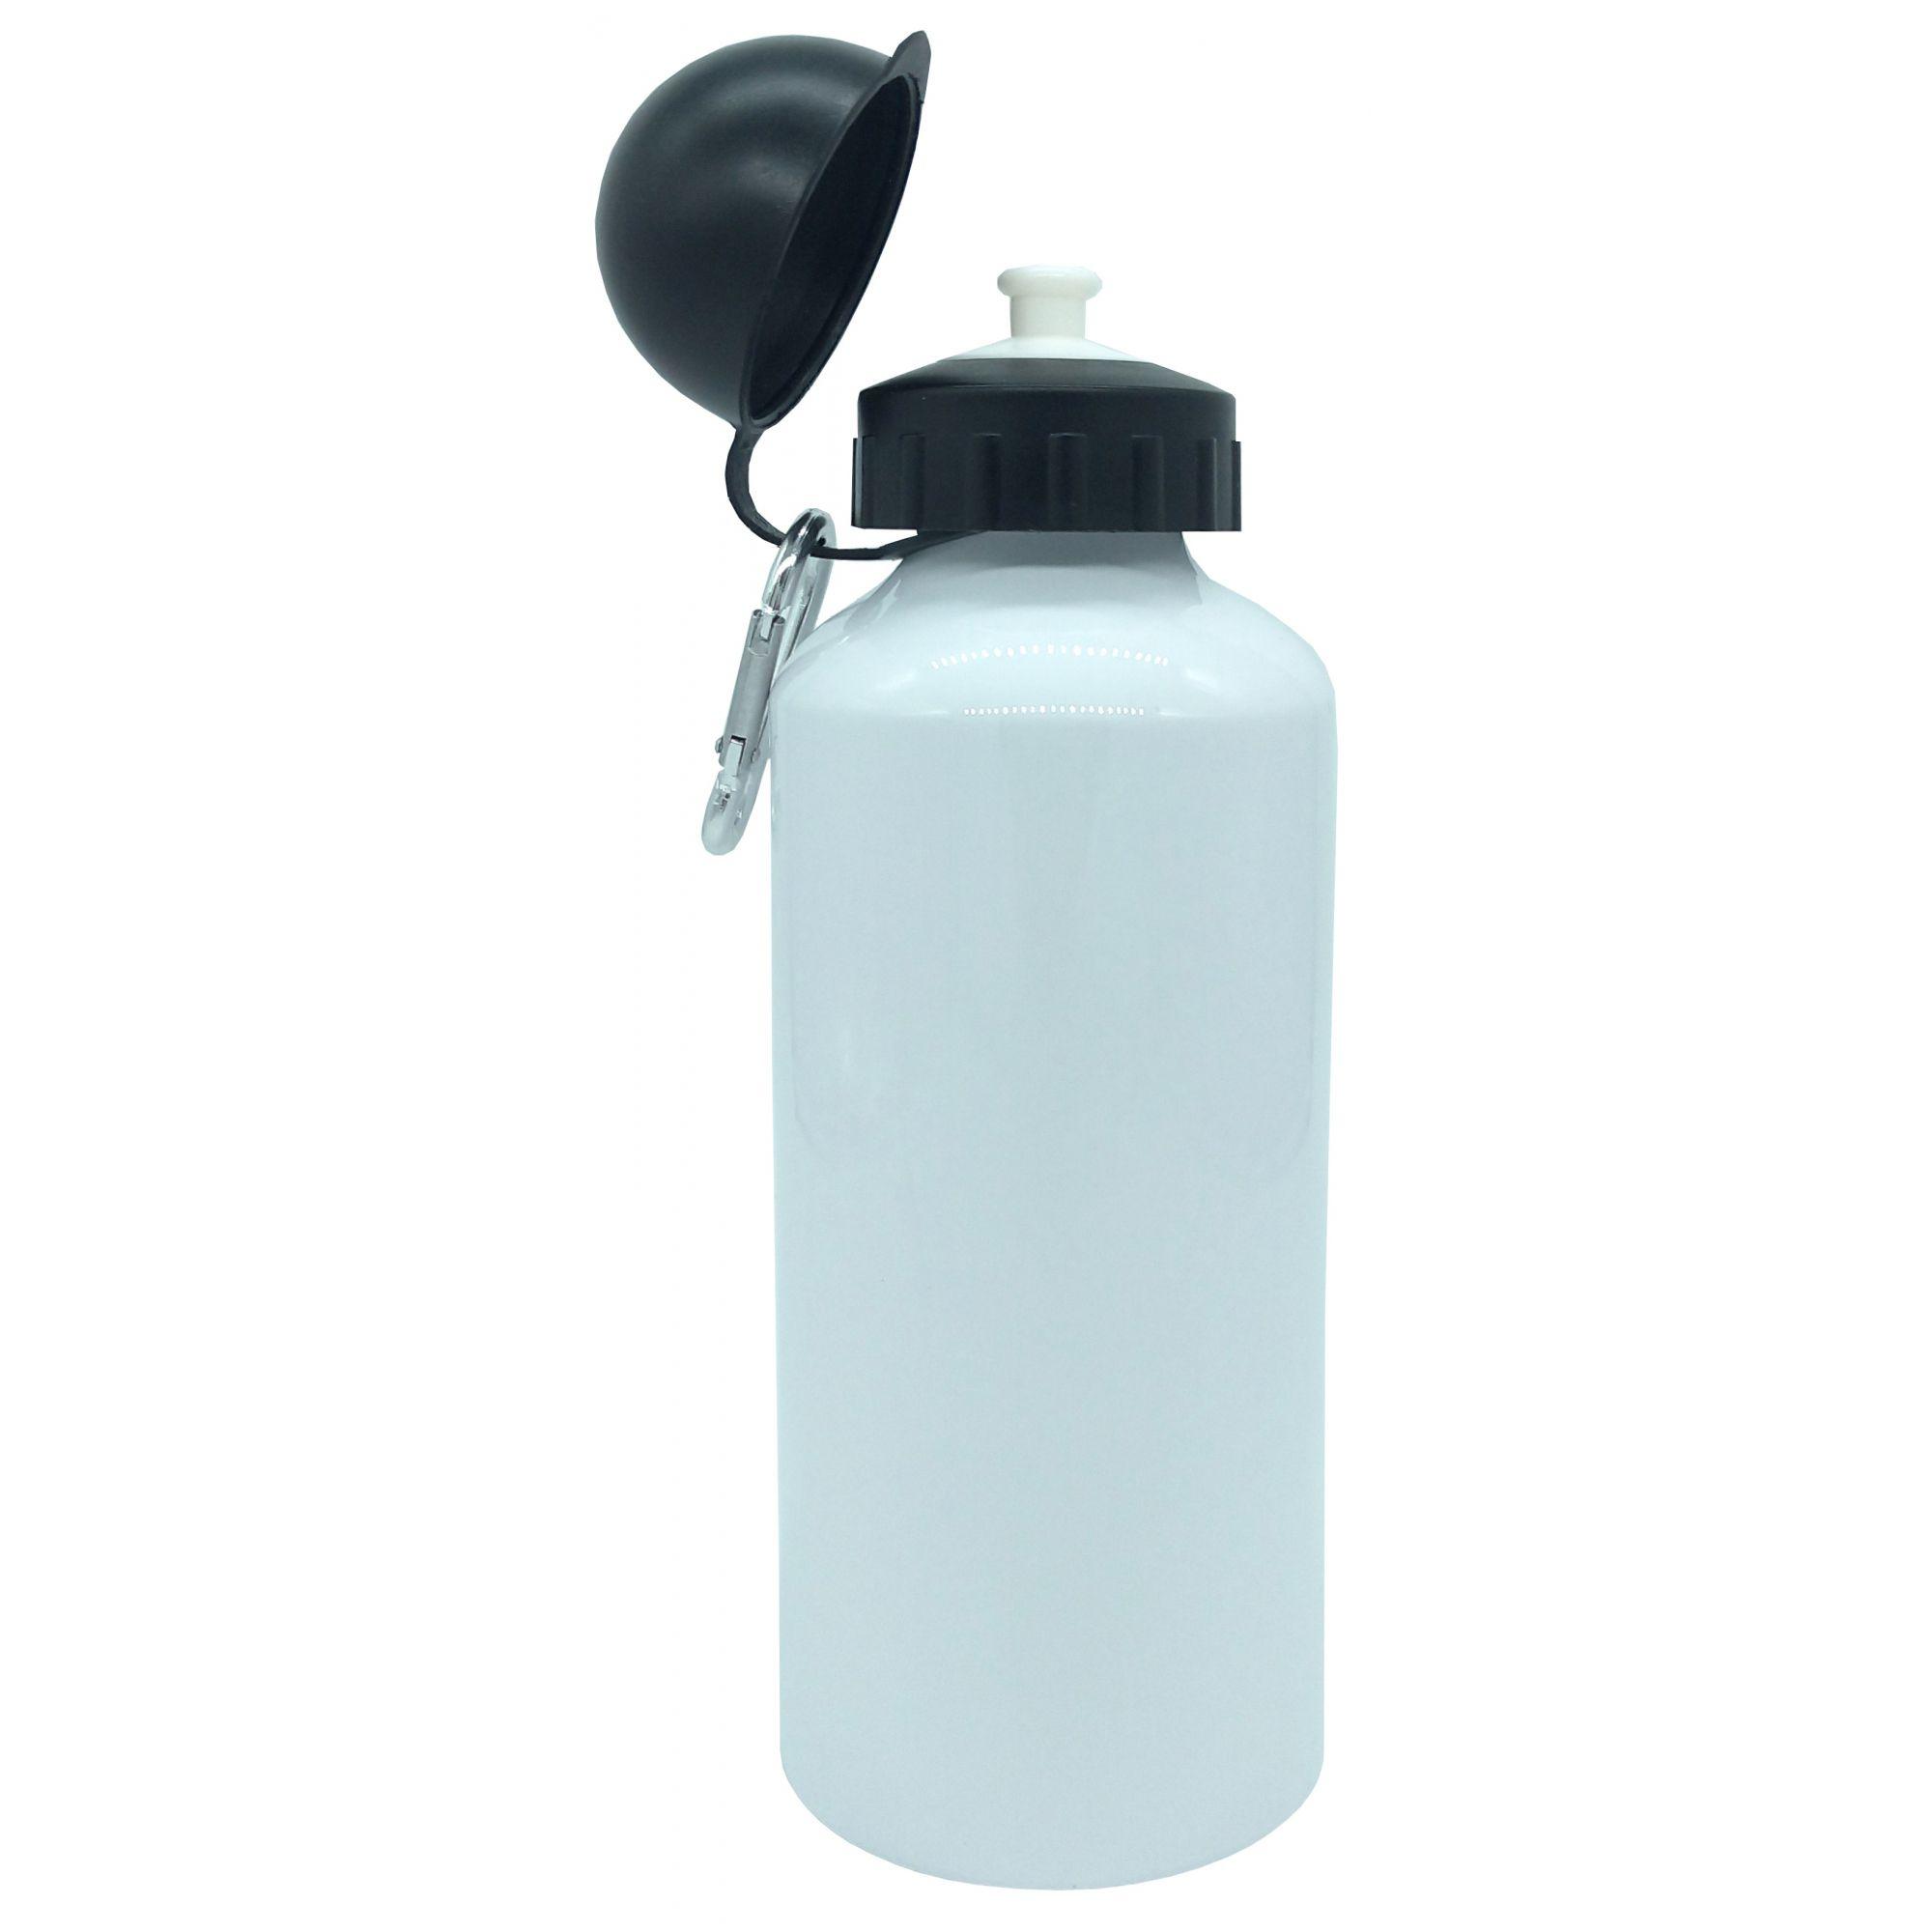 Squeeze de Alúminio Branco Tampa Bolinha Para Sublimação 600ml ( COM CAIXINHA )  - ALFANETI COMERCIO DE MIDIAS E SUBLIMAÇÃO LTDA-ME